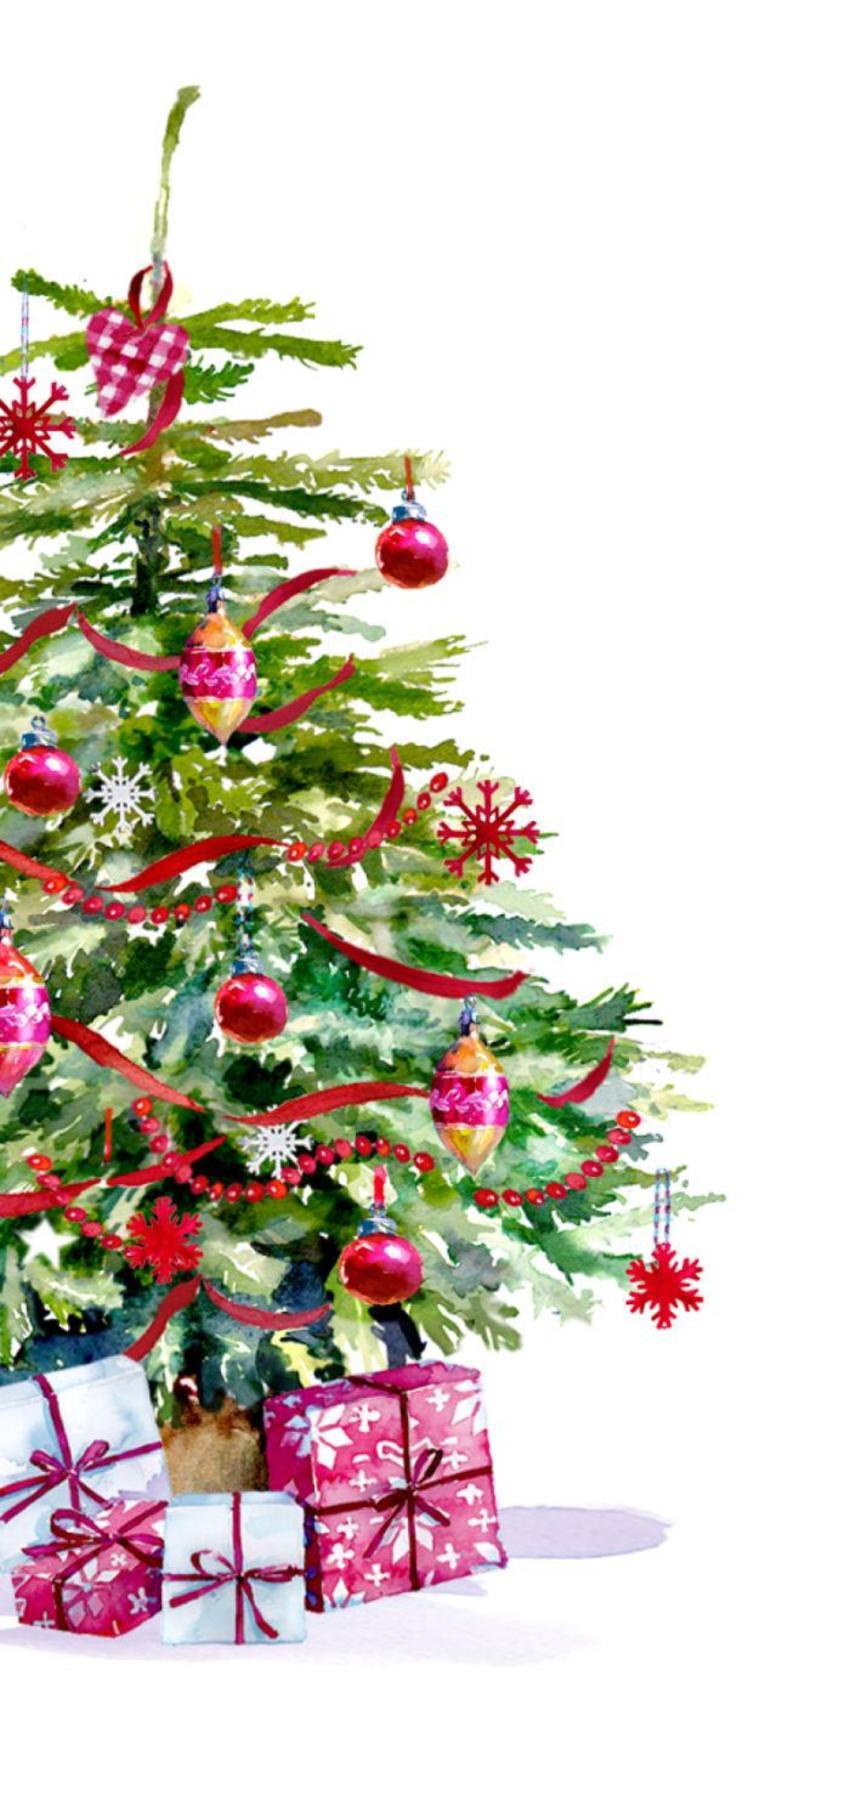 Xmas Tree New FINAL